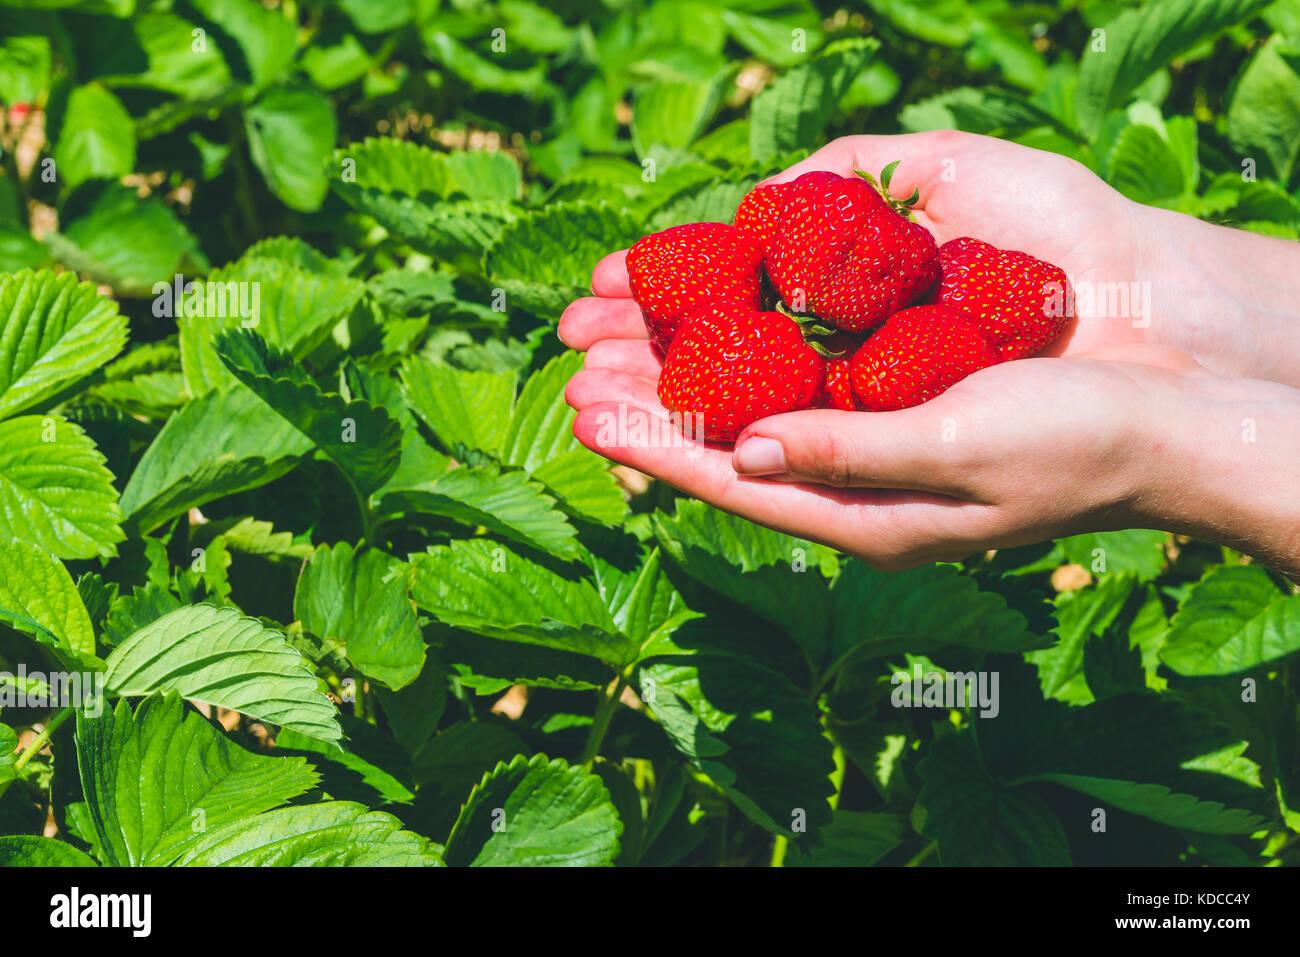 Recogi deliciosas fresas frescas celebrada en las manos sobre las plantas de fresa Imagen De Stock